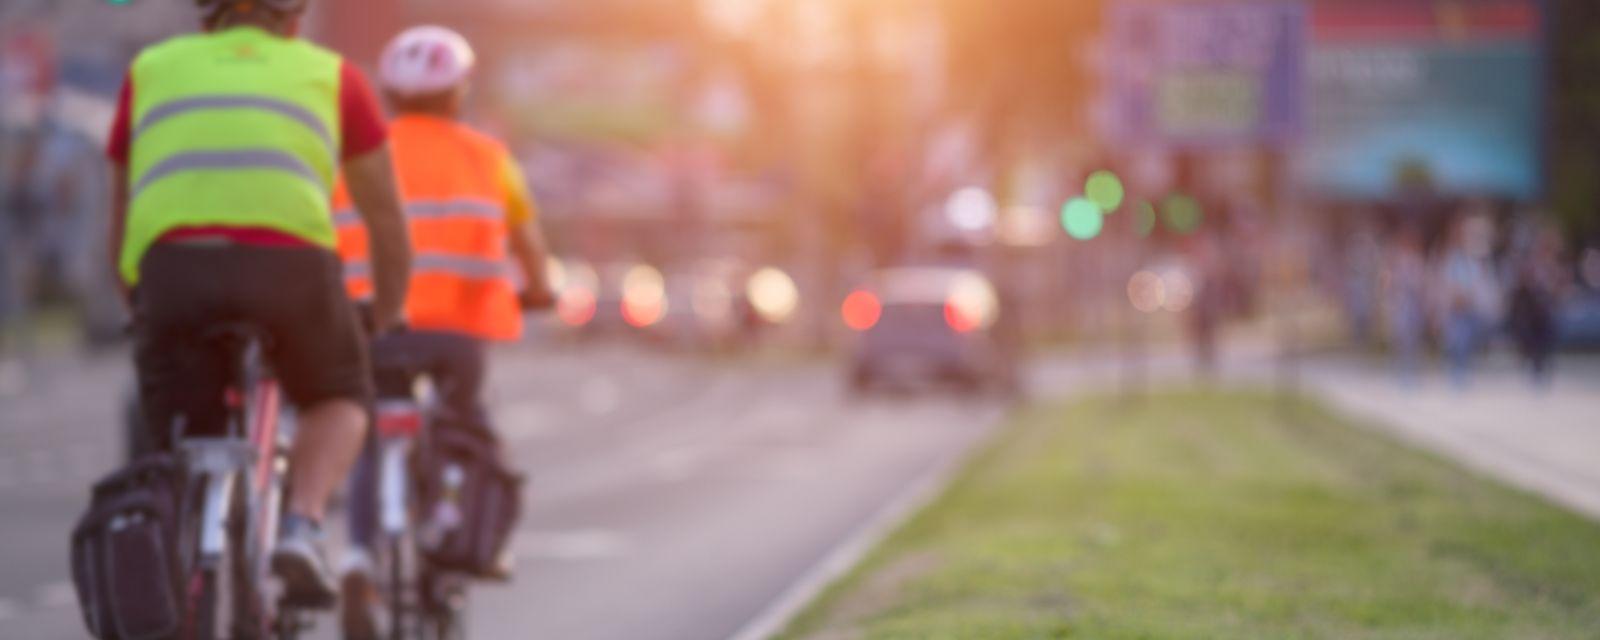 <h2>Veiliger verkeer</h2><div>Iedere dag worden we opgeschrikt door slachtoffers in het verkeer. Daarom zetten we alles op alles voor veilig verkeer. </div>